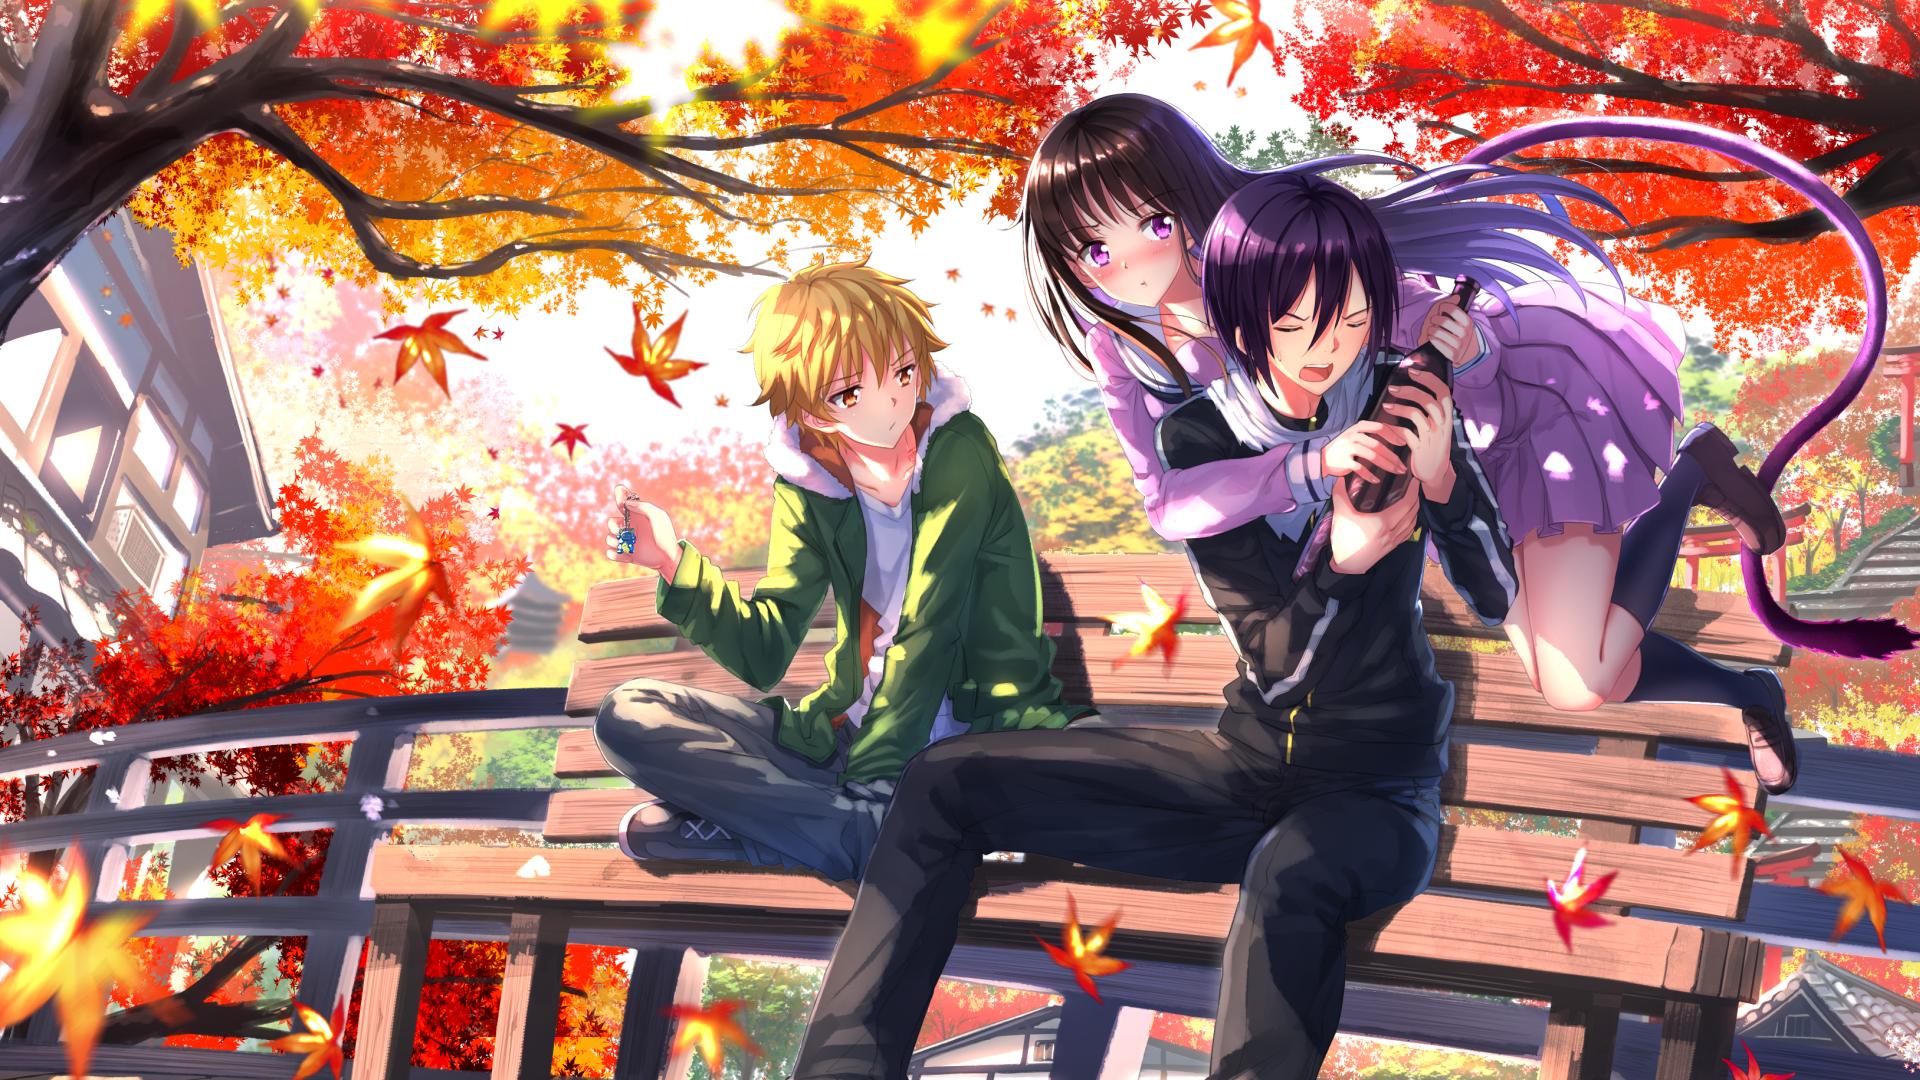 Anime Wallpaper For Laptop